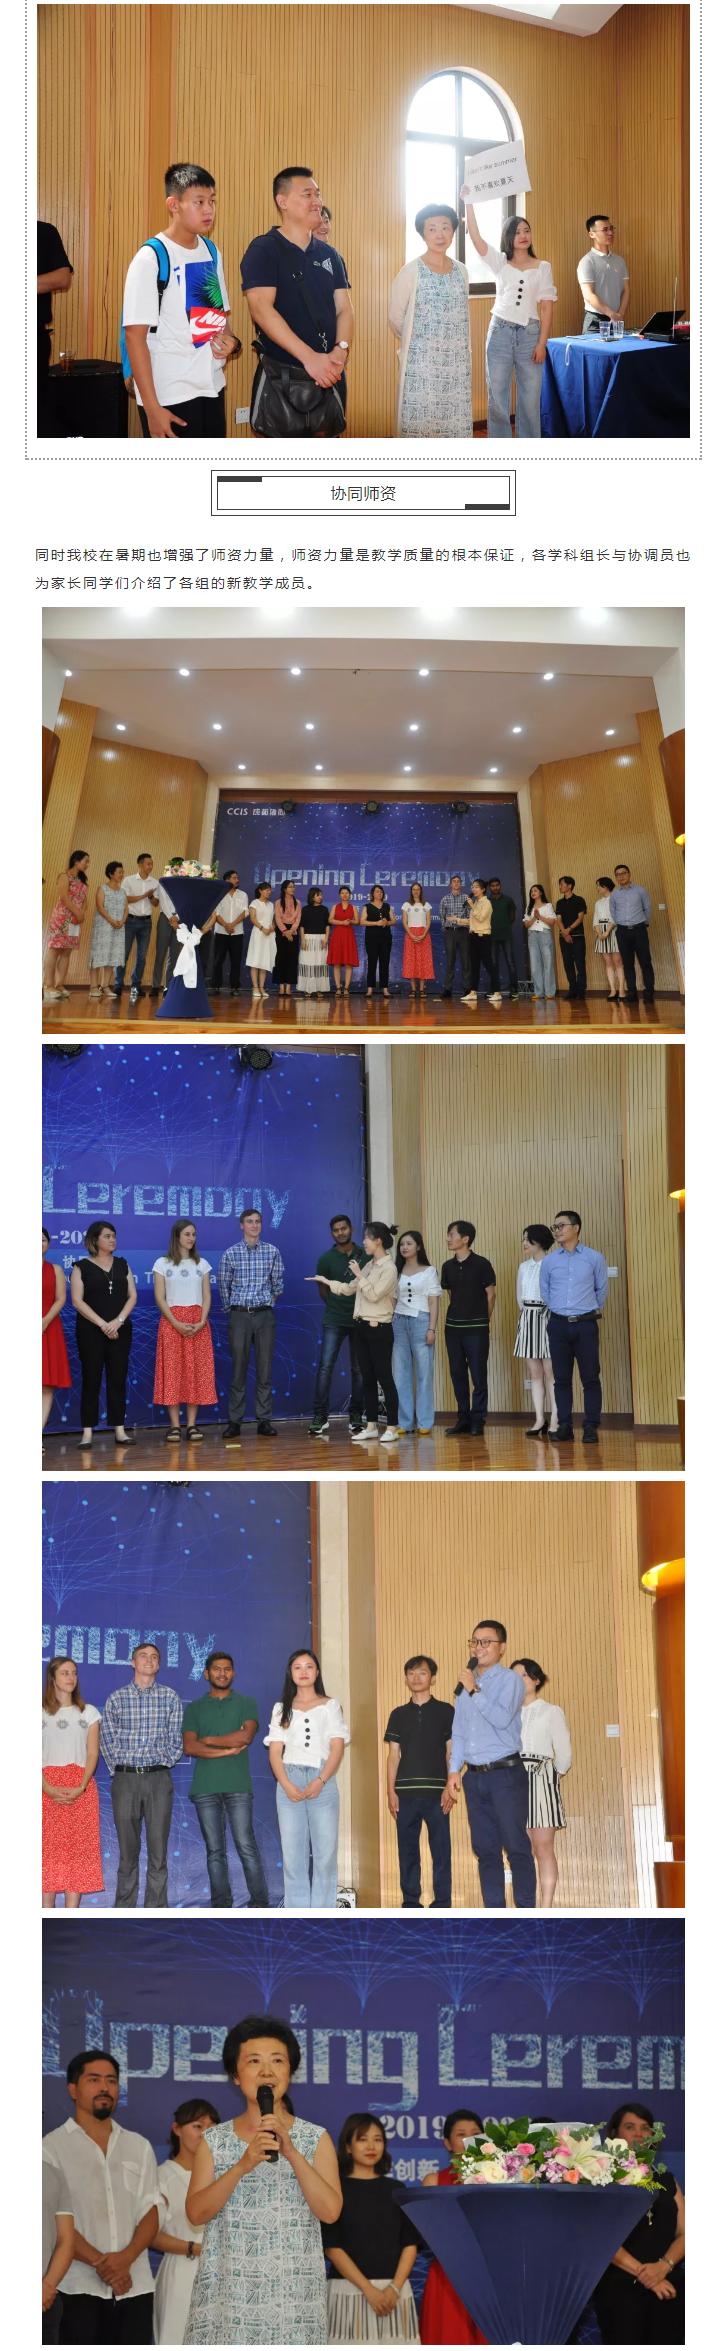 新起点-新征程-_-成都协同学校2019-2020学年开学典礼_02